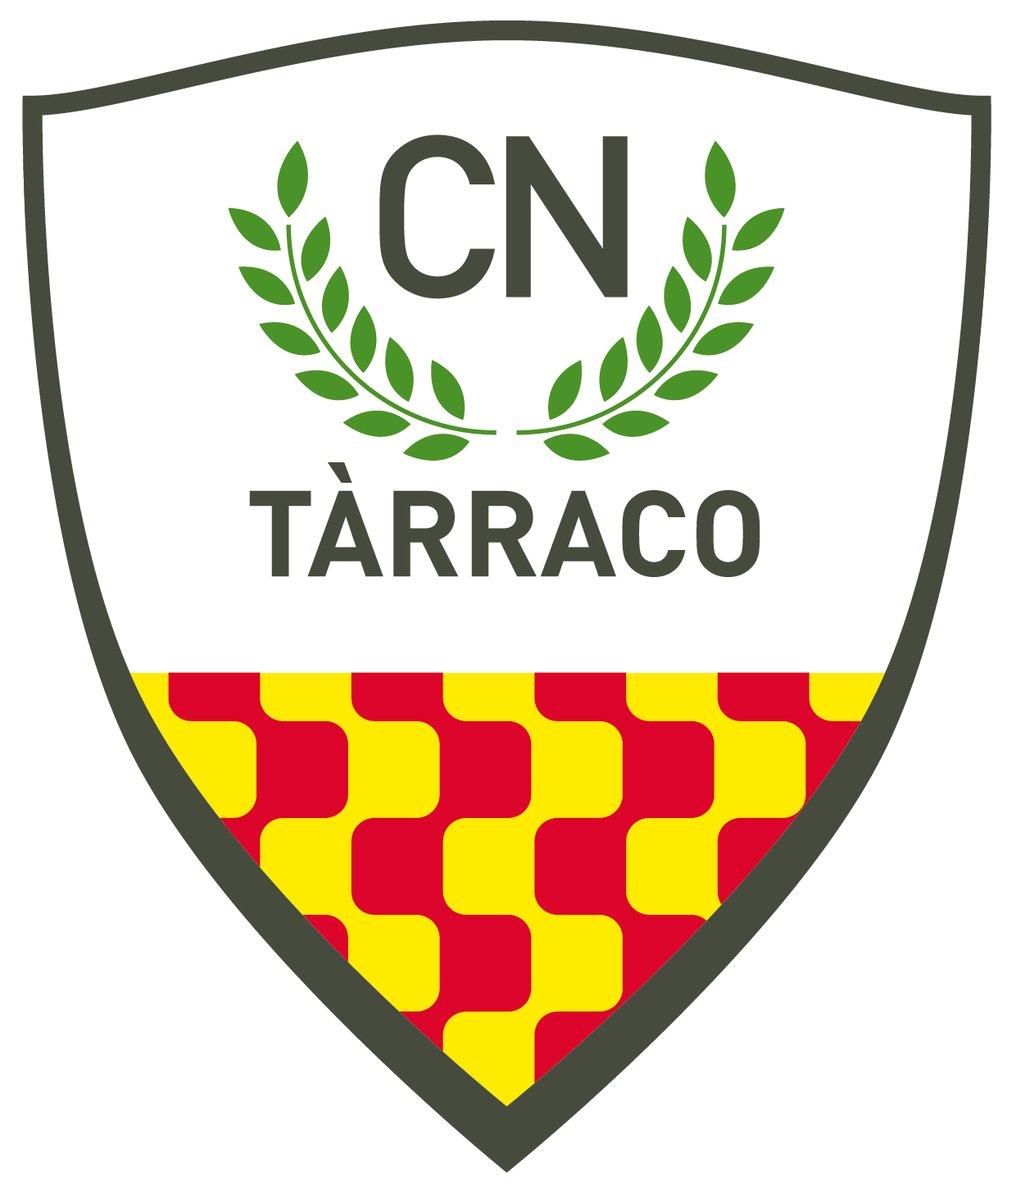 🔴 AVÍS ALS SOCIS: El proper dimecres 23 de setembre, Santa Tecla, el Club romandrà TANCAT. #cntarraco #santatecla2020 https://t.co/UdMIDi1eVq